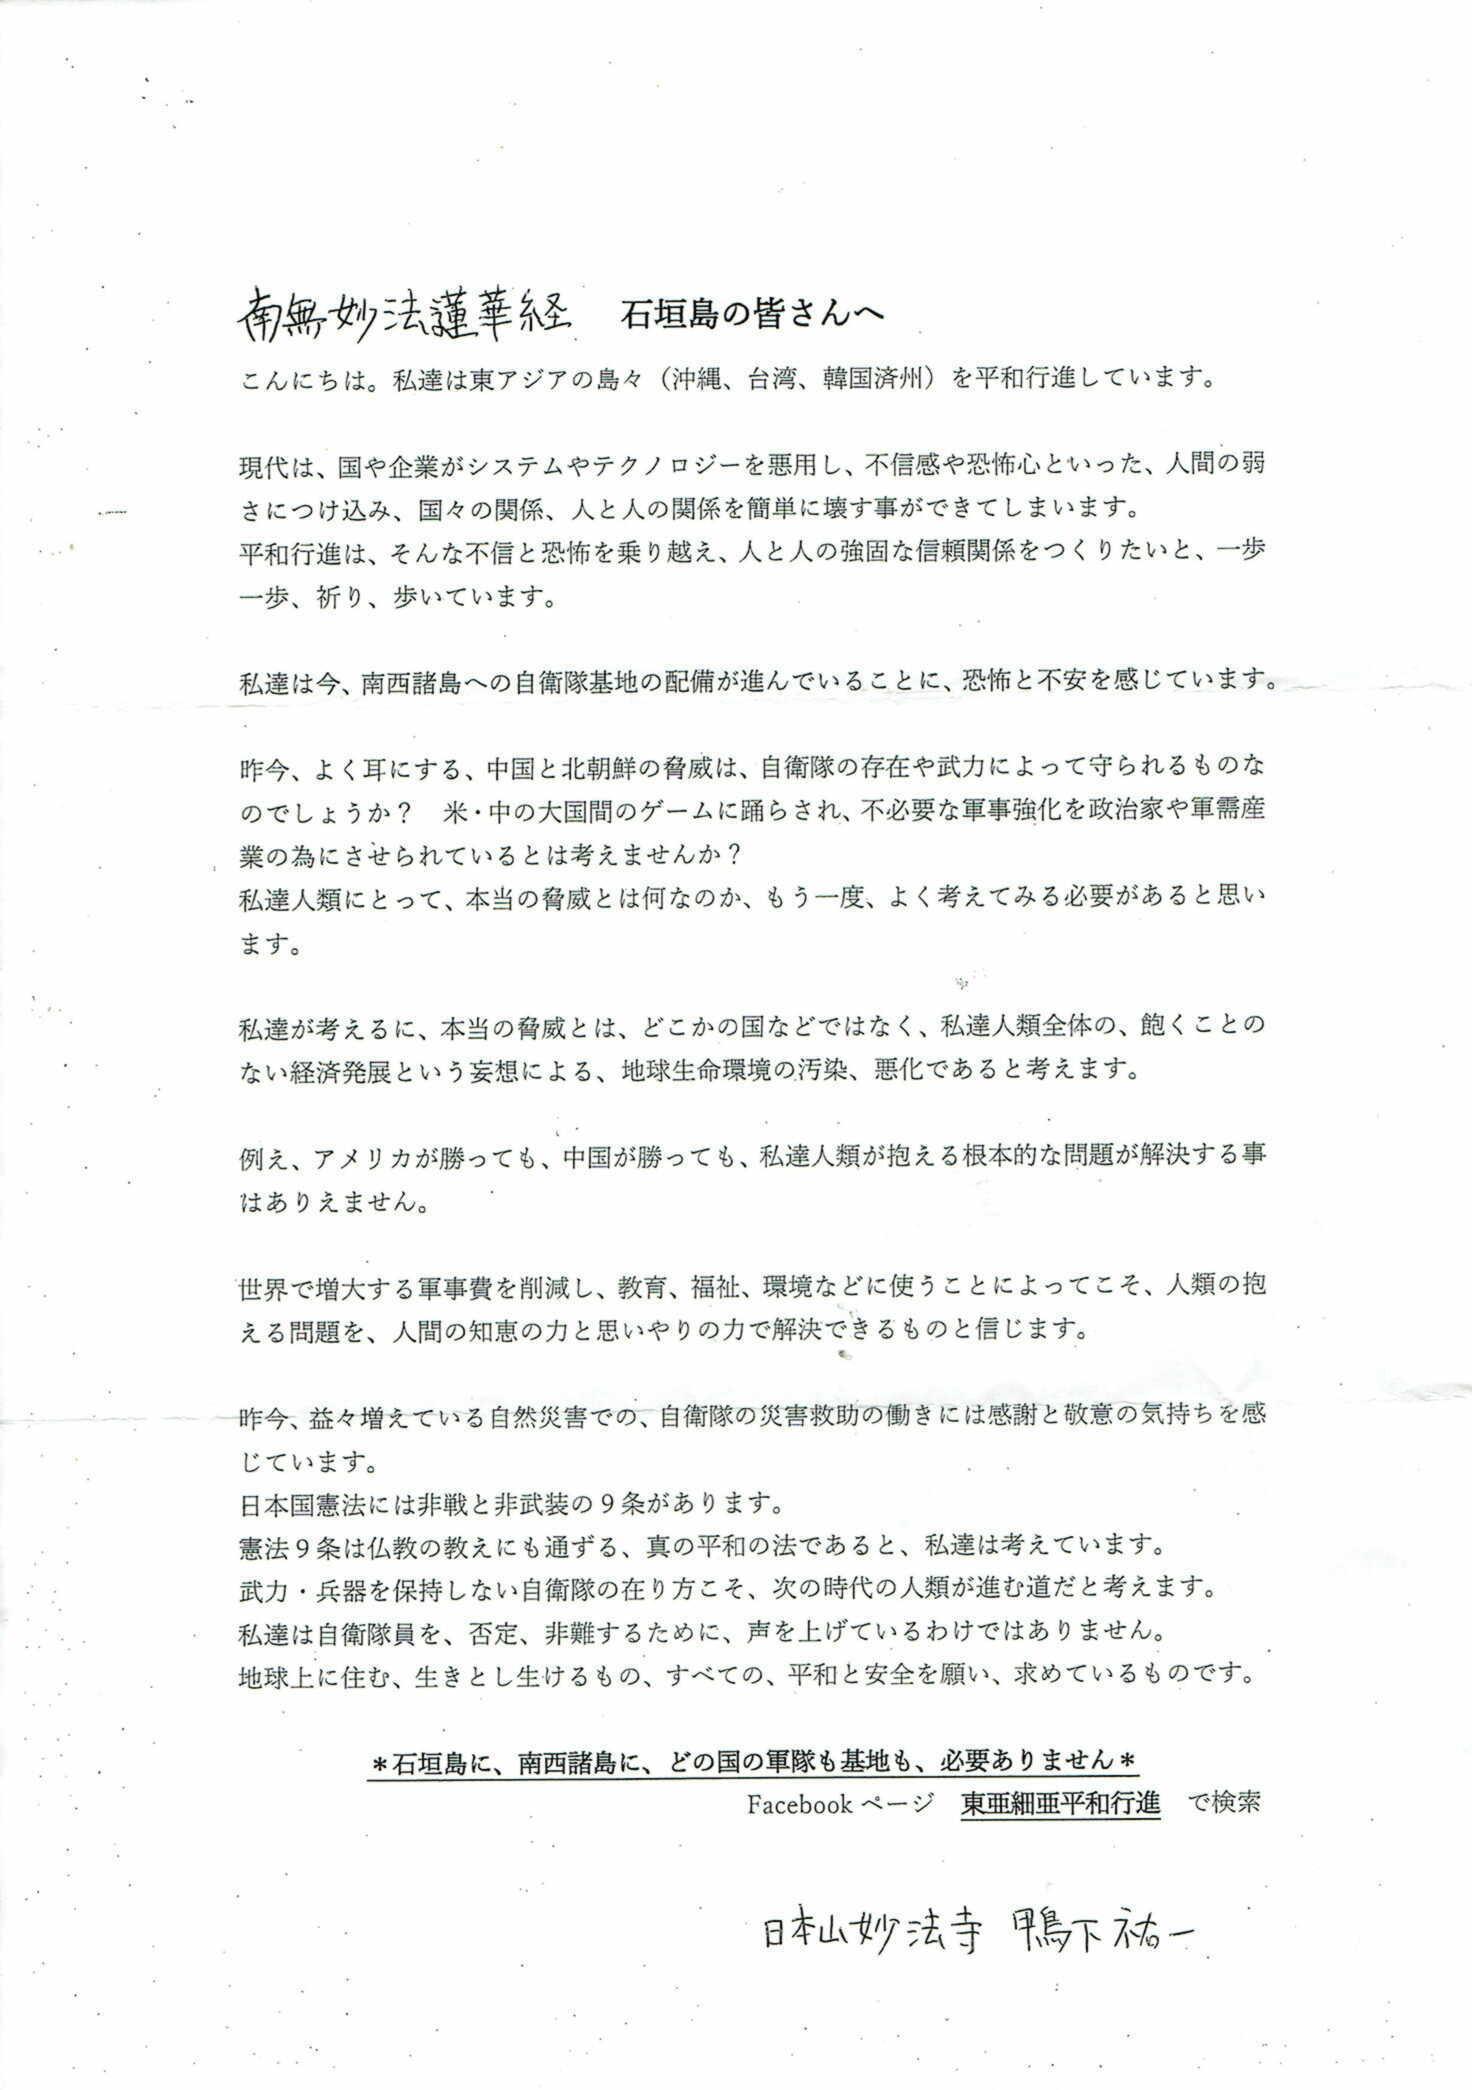 2019 0721 石垣島のみなさんへ